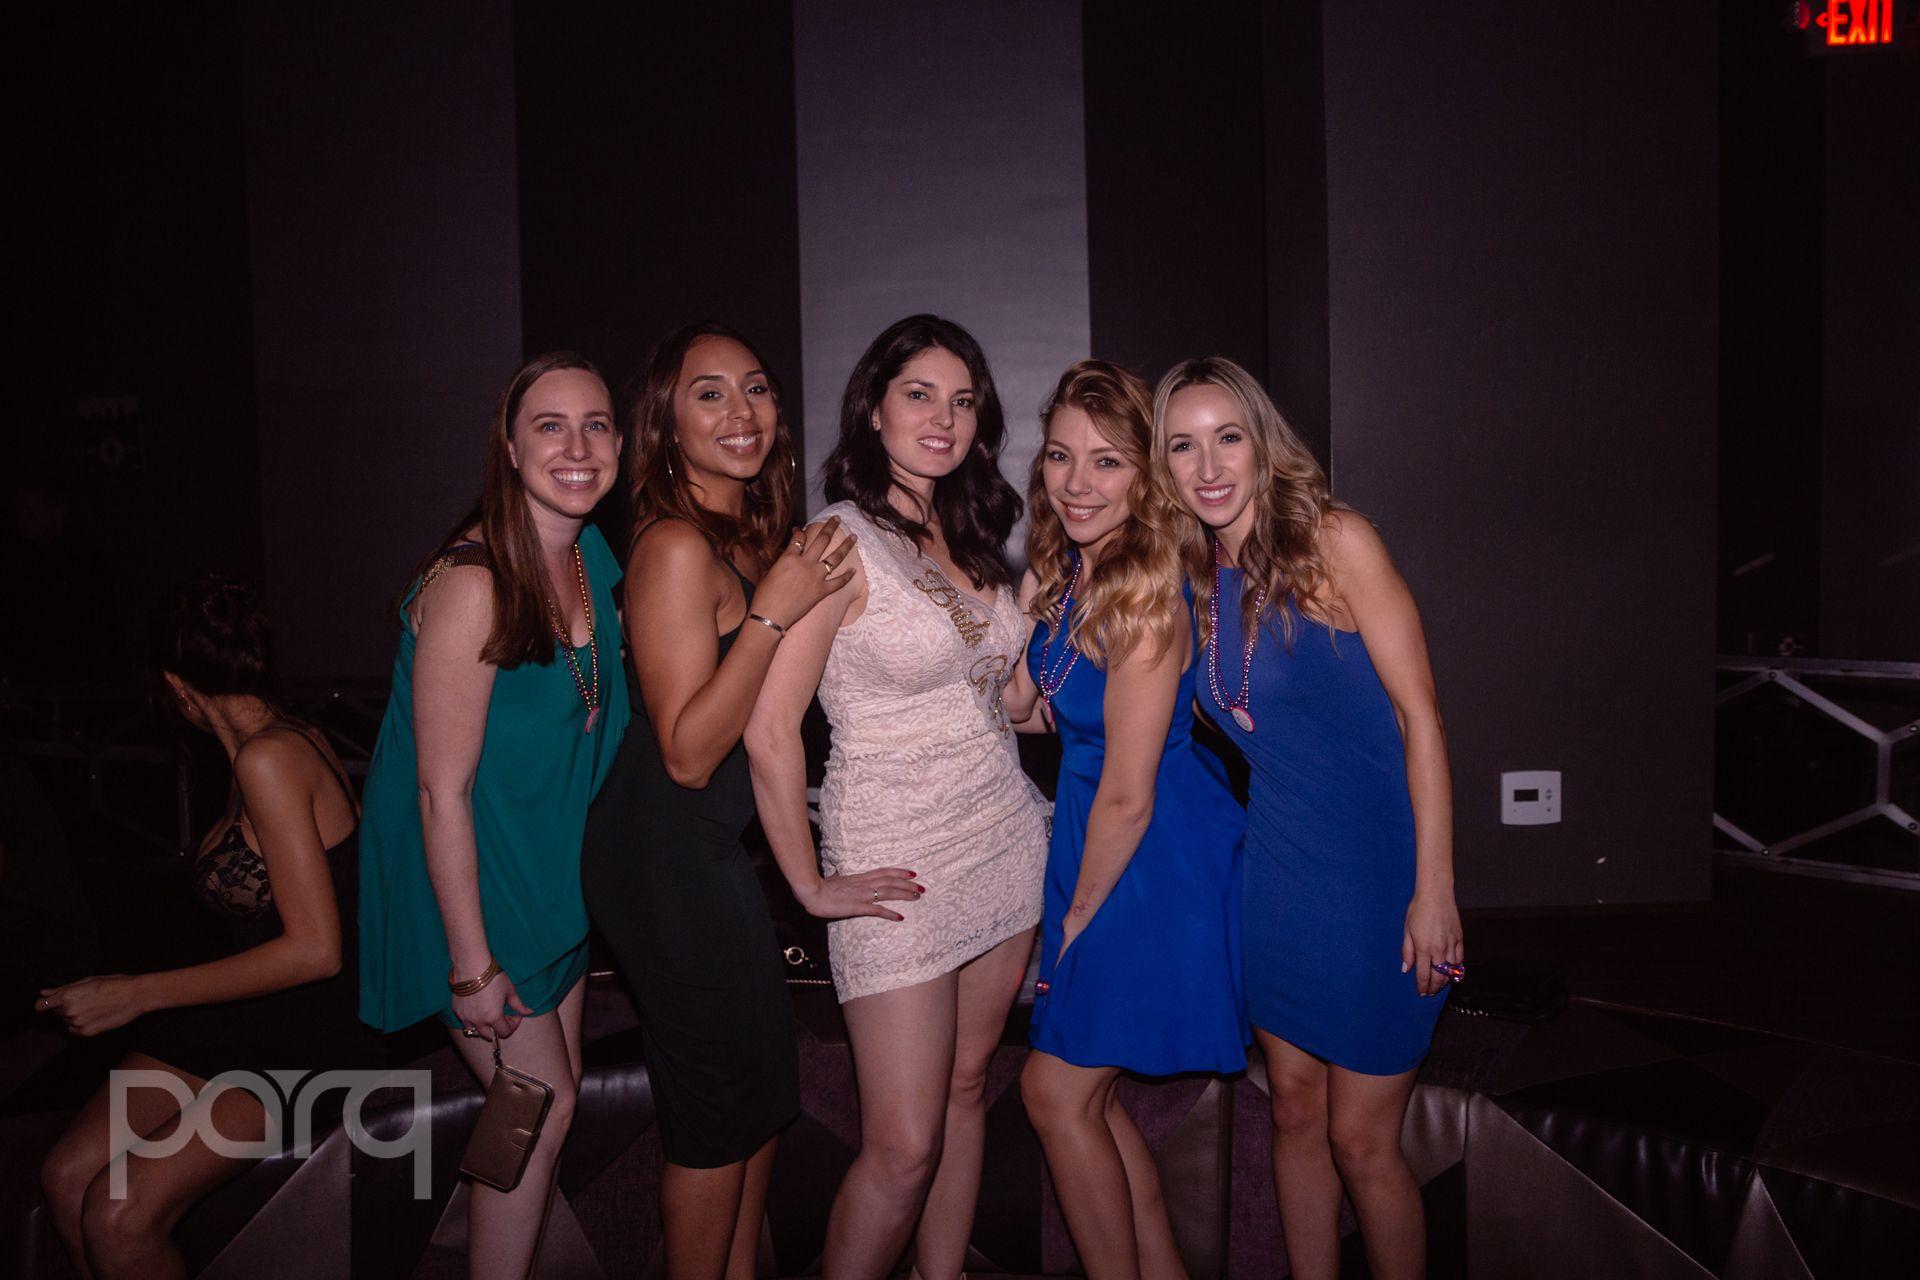 San-Diego-Nightclub-DJ Obscene-5.jpg